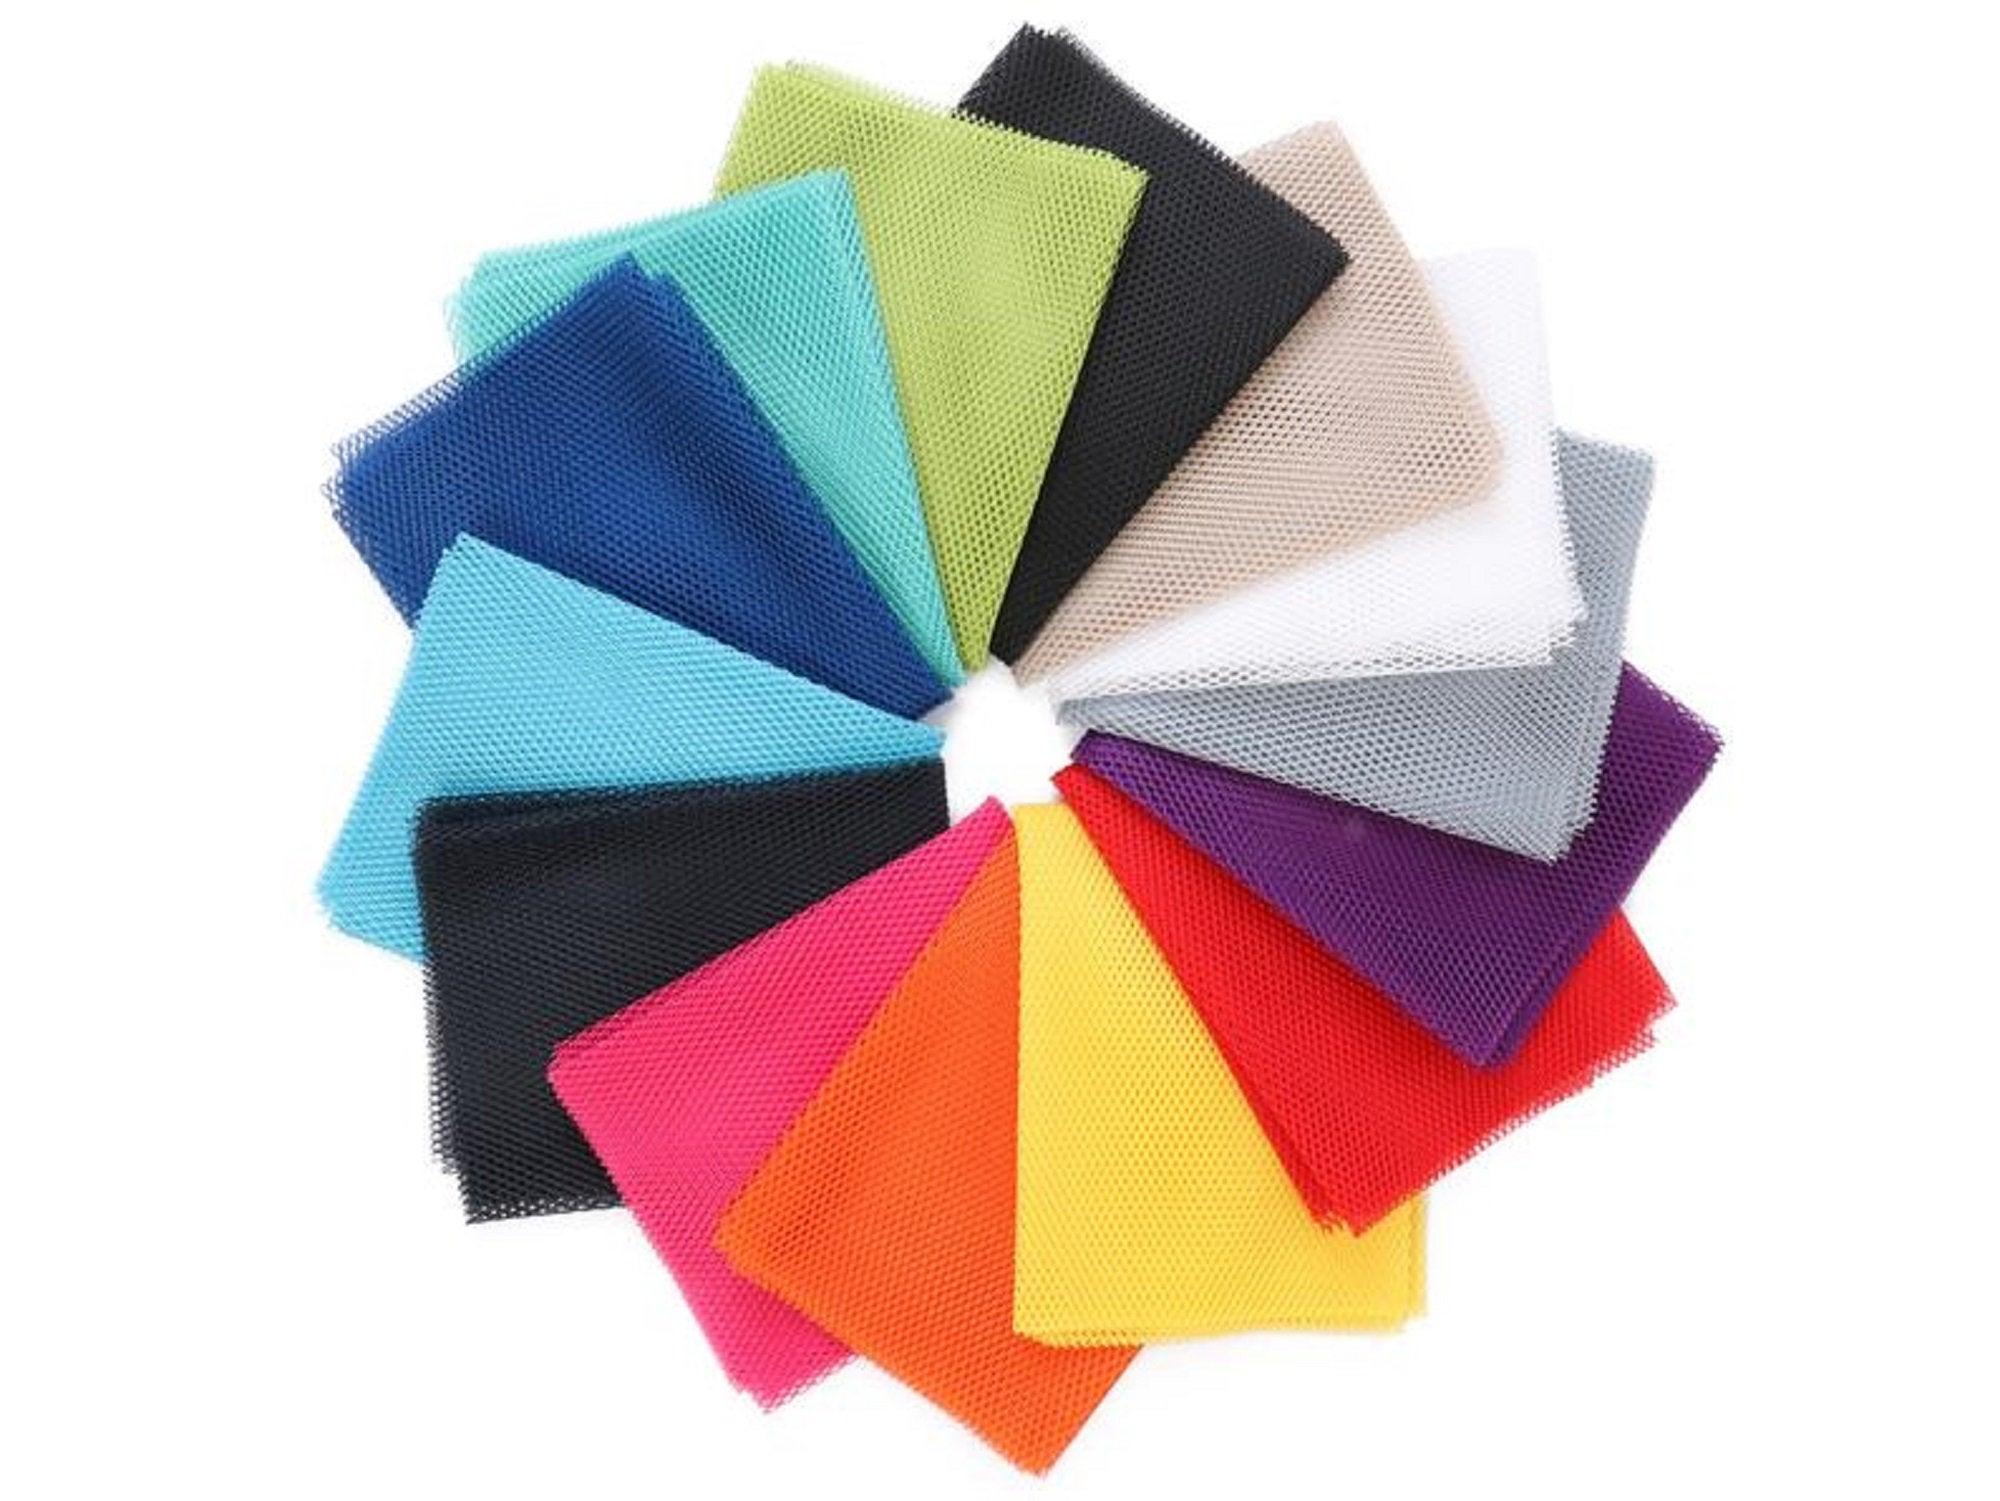 Lightweight Mesh Fabric ByAnnie